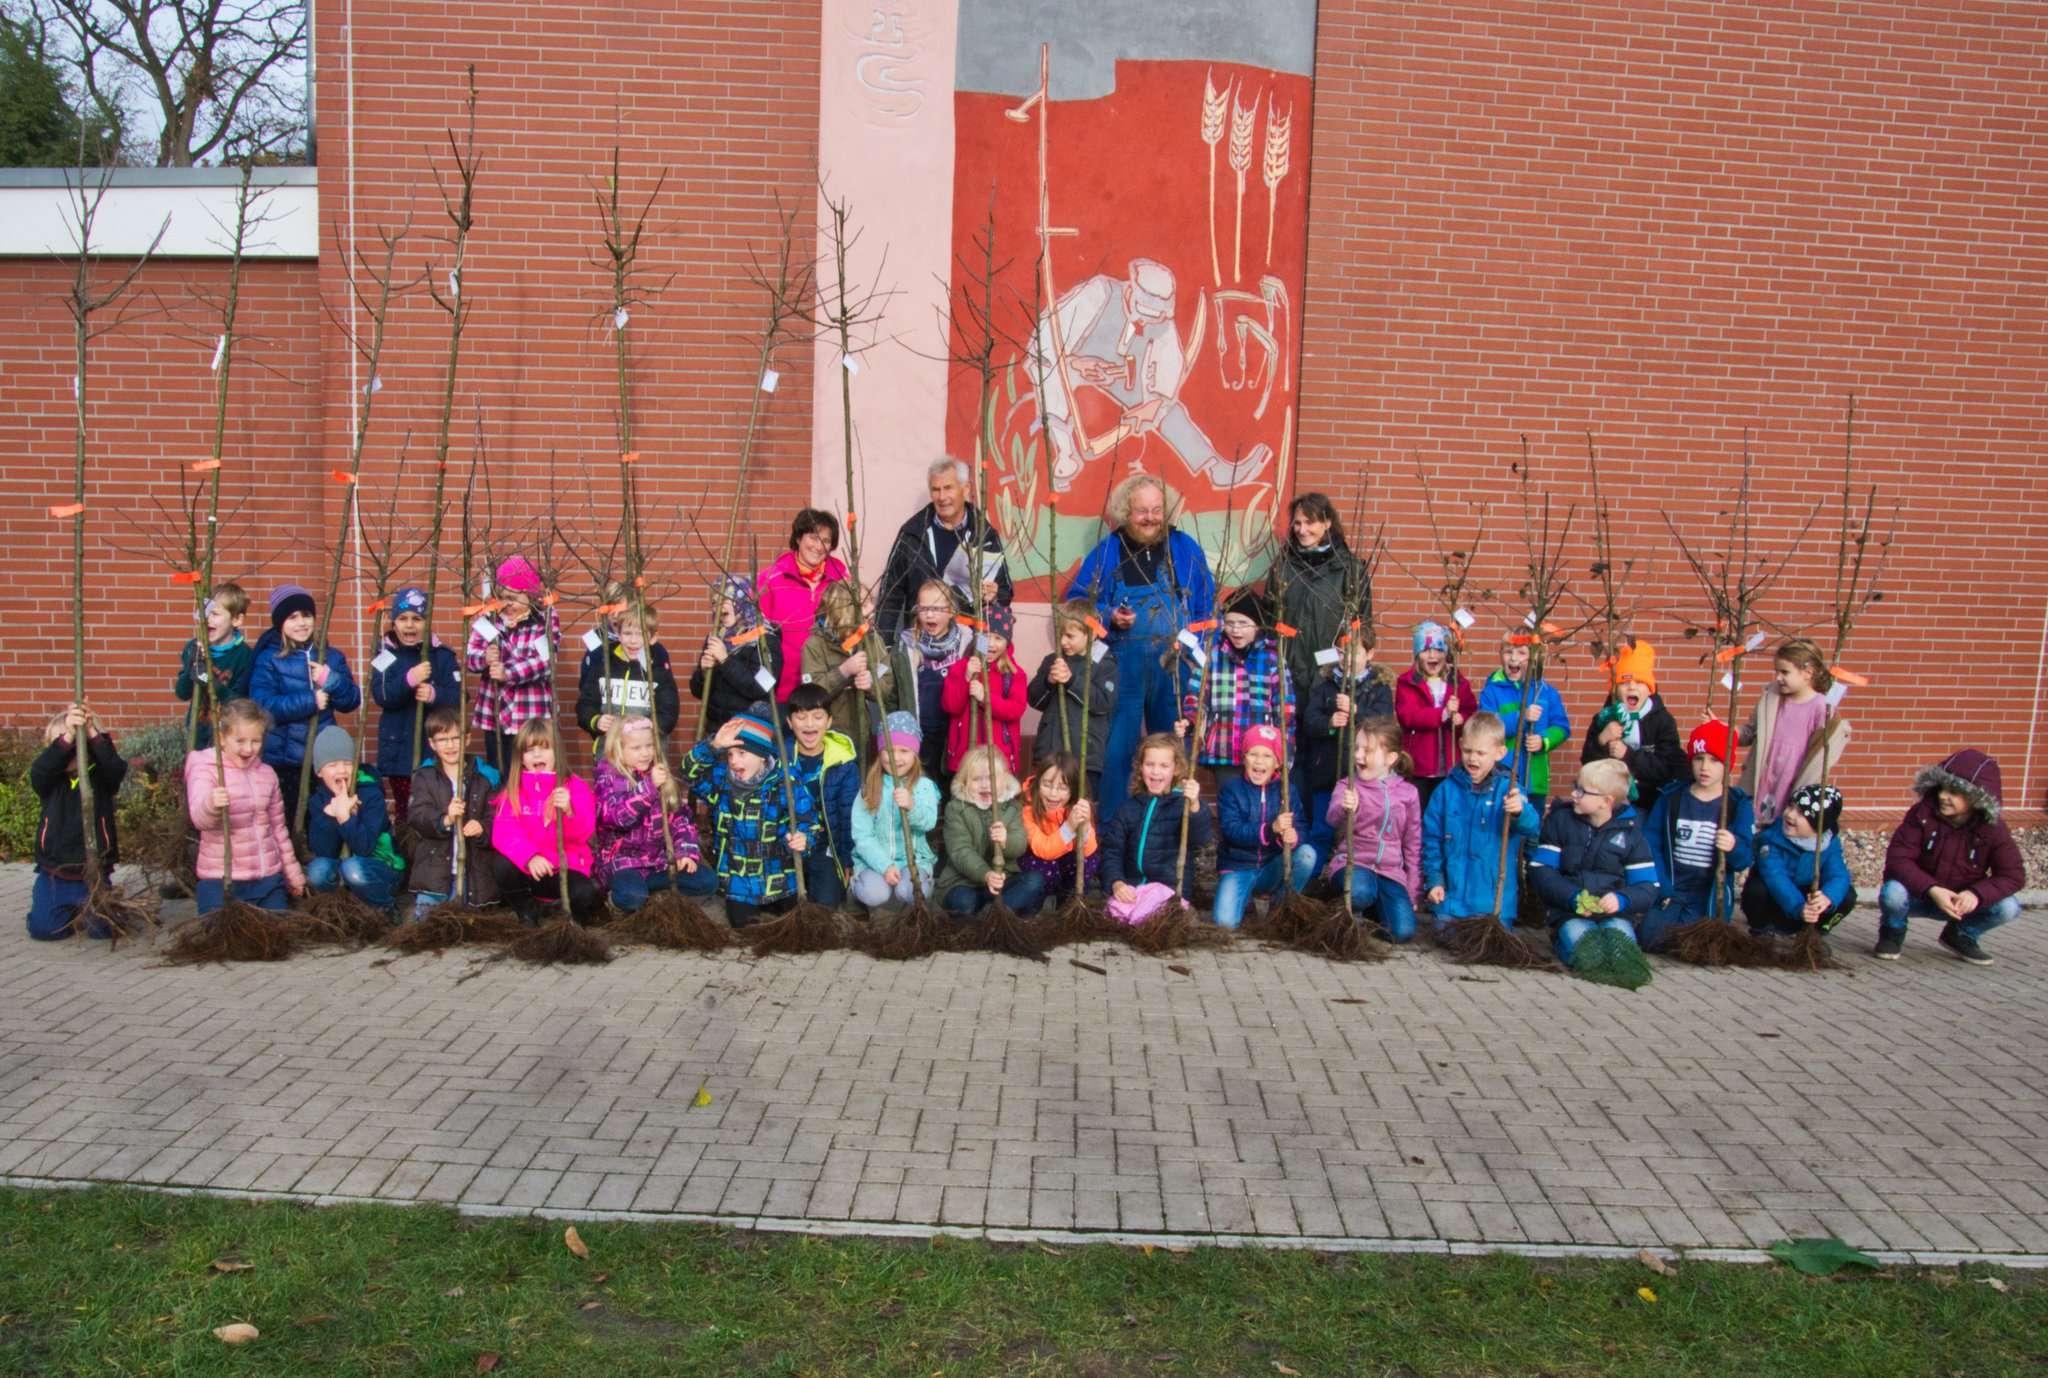 Die in diesem Jahr eingeschulten Kinder der Grundschule Lauenbrück freuen sich über ihre persönlichen Apfelbäume, die sie einpflanzen durften. Foto: Klaus-Dieter Plage